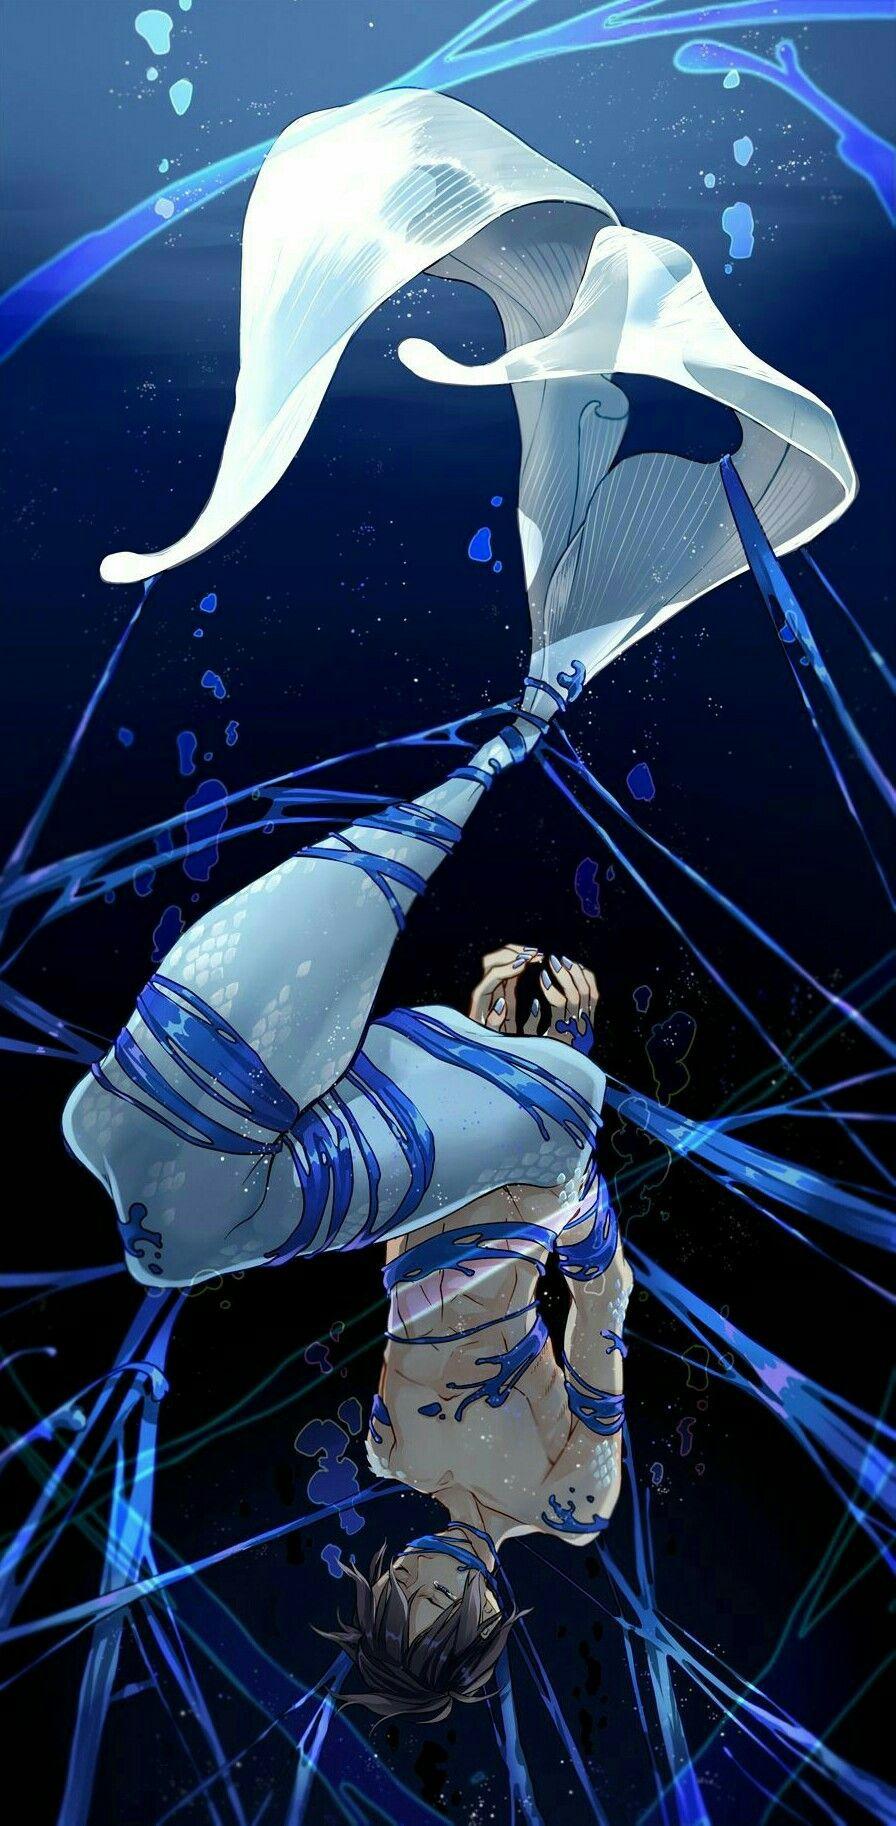 Pin by Noone on Mermaid Anime mermaid, Anime, Iwatobi